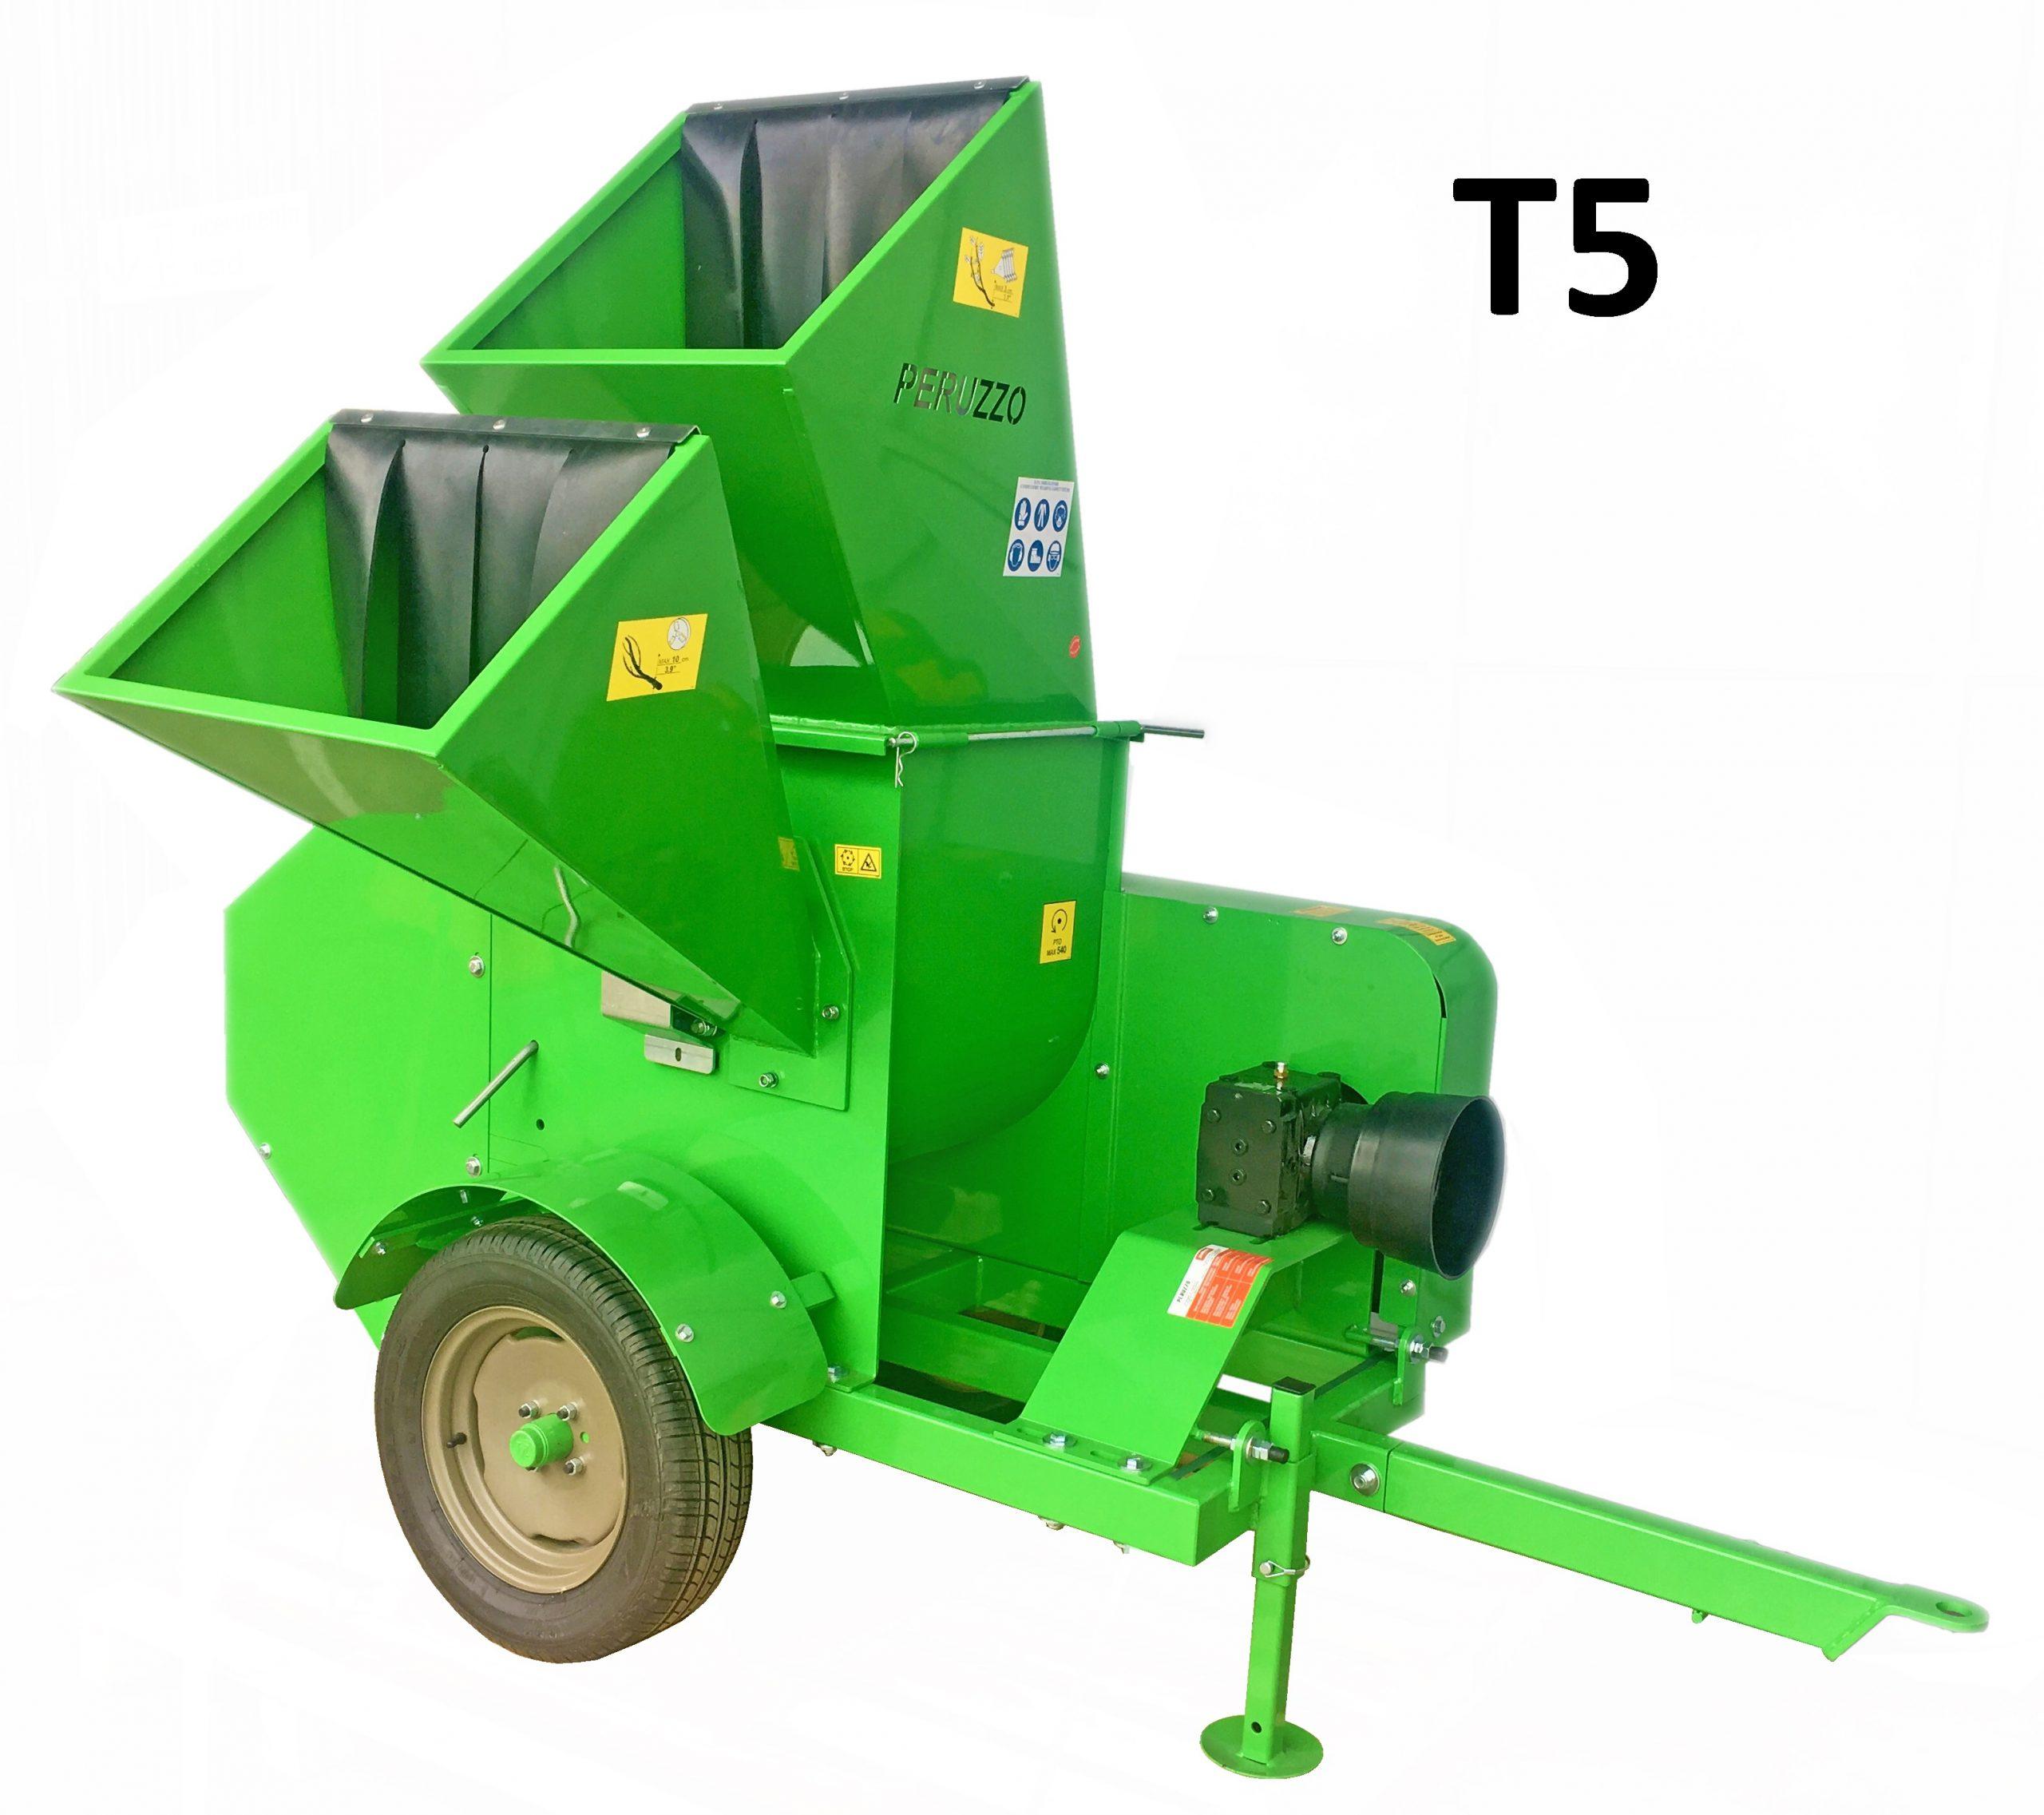 , Broyeur de végétaux T5, Peruzzo